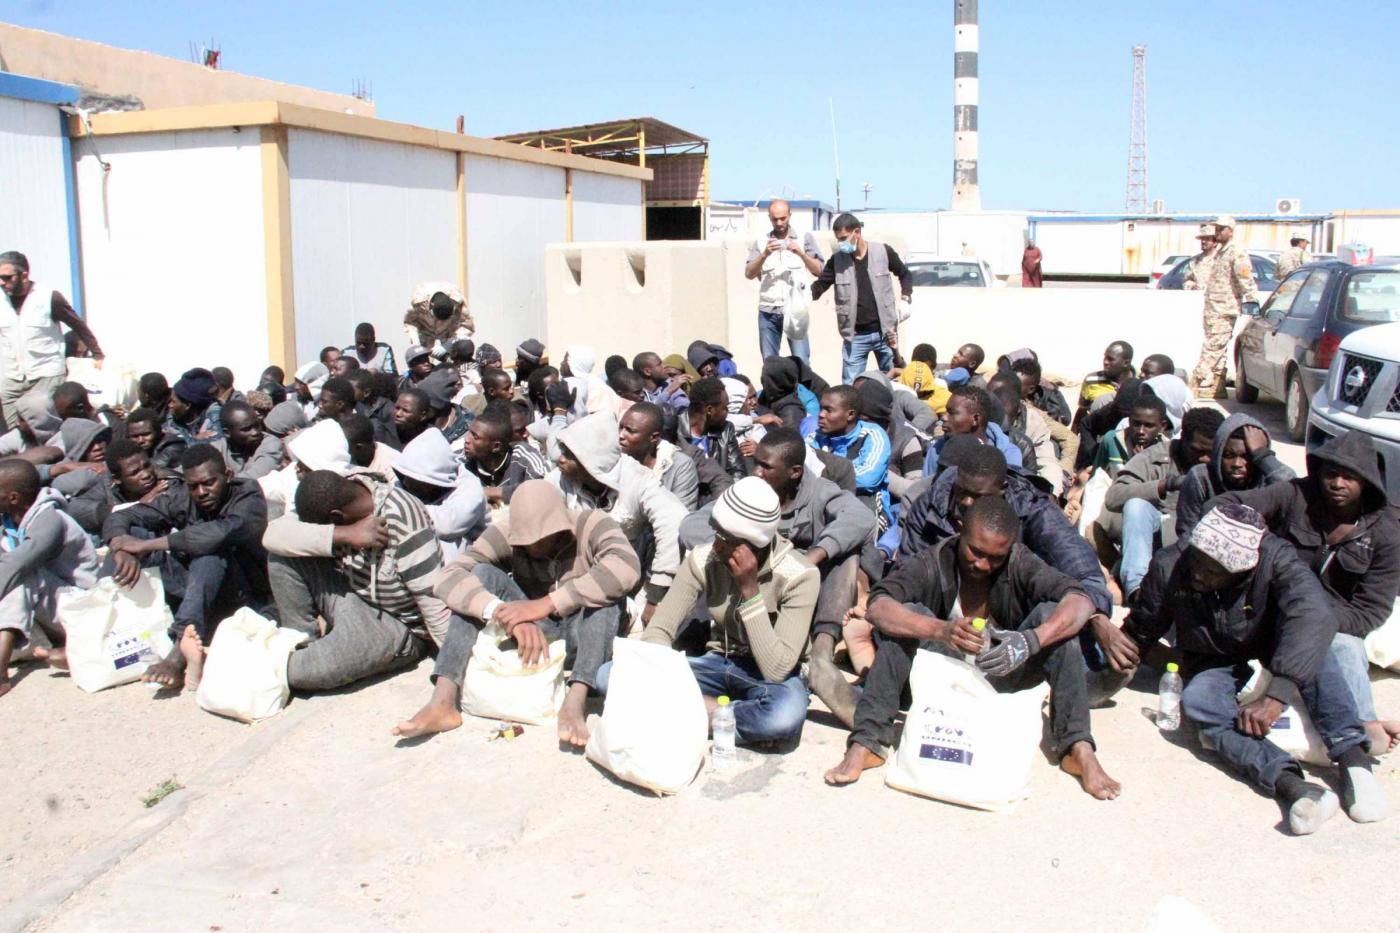 Libia guardia costiera soccorre migranti al largo di Tripoli